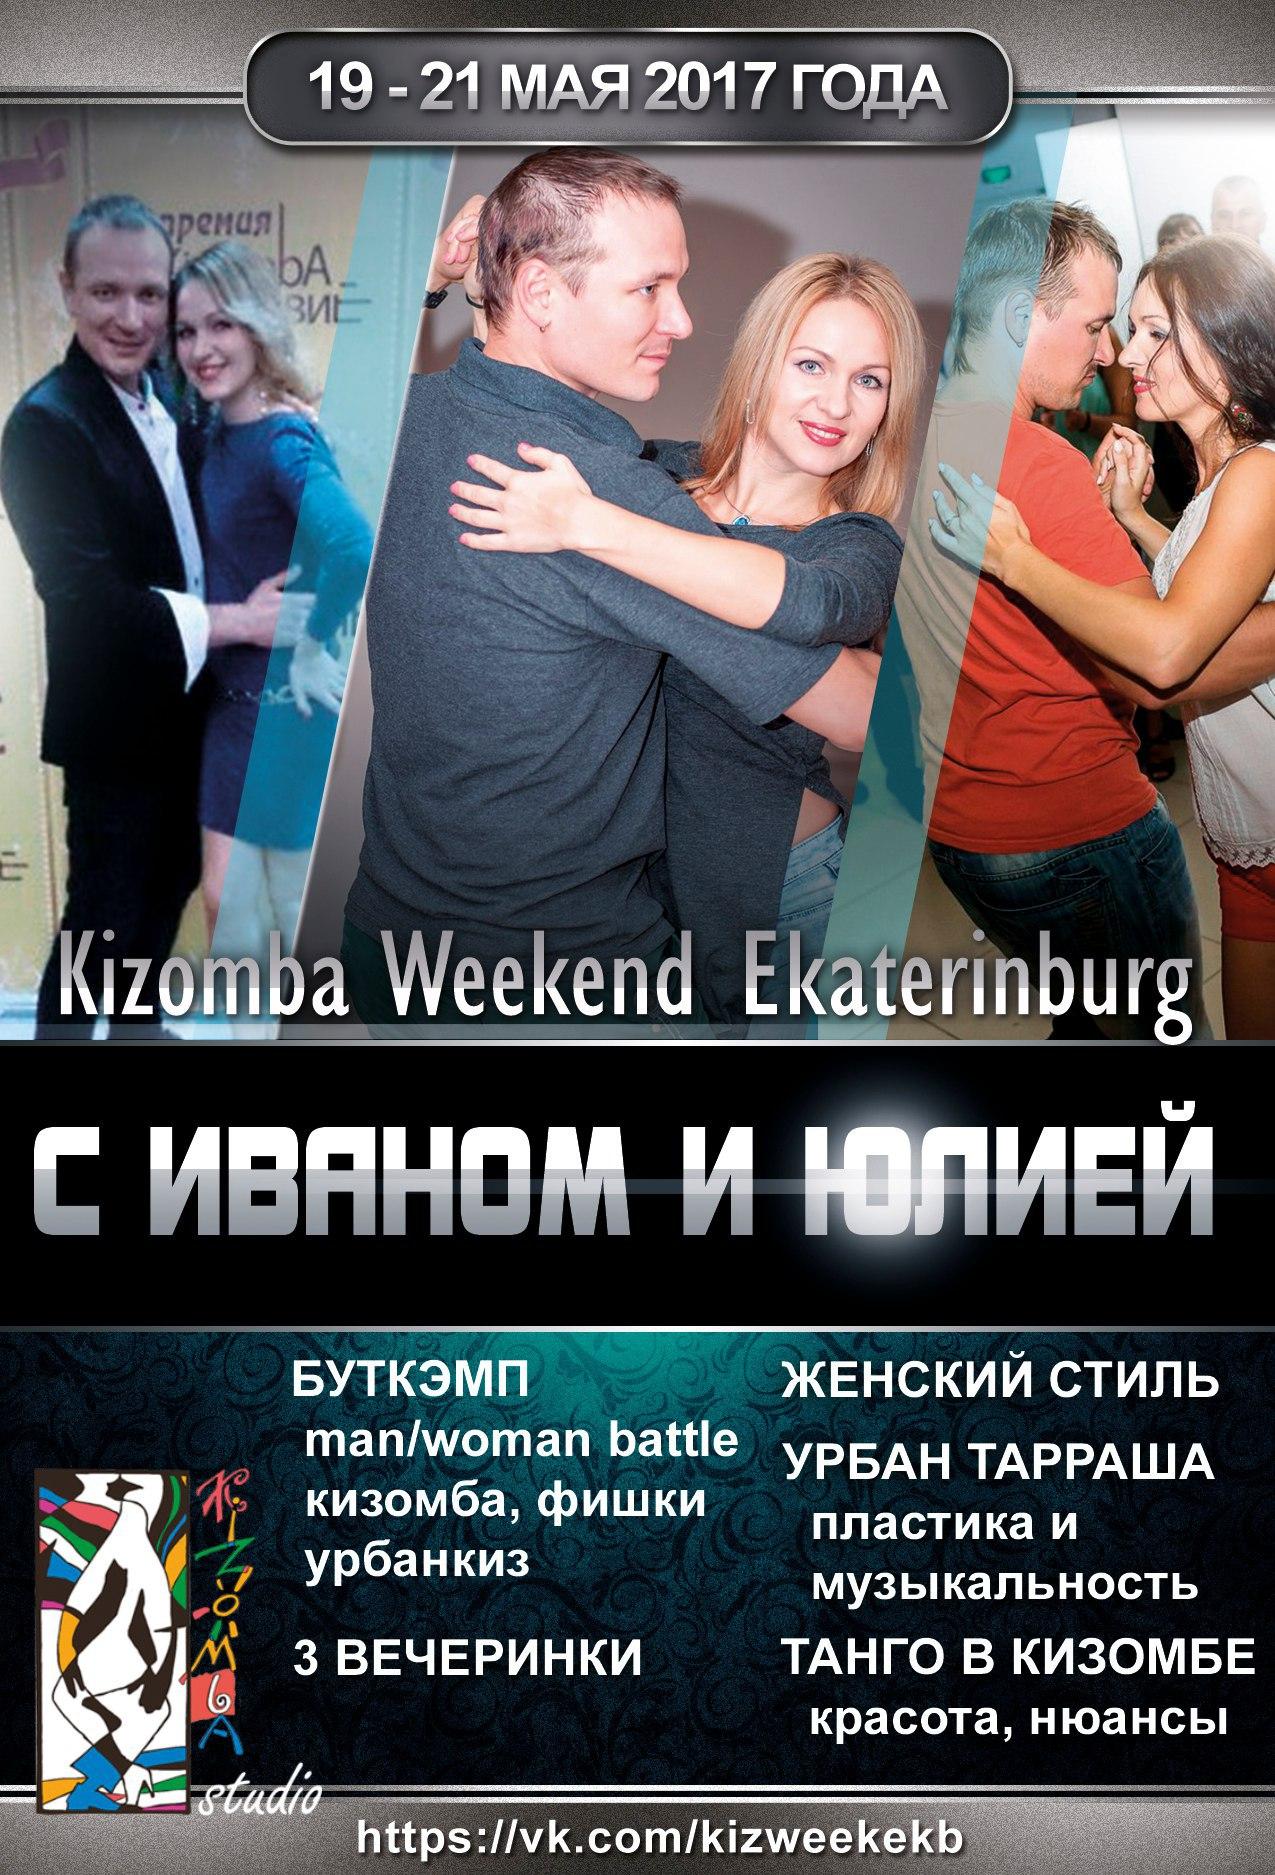 KizombaWeekendEkb с Иваном и Юлией